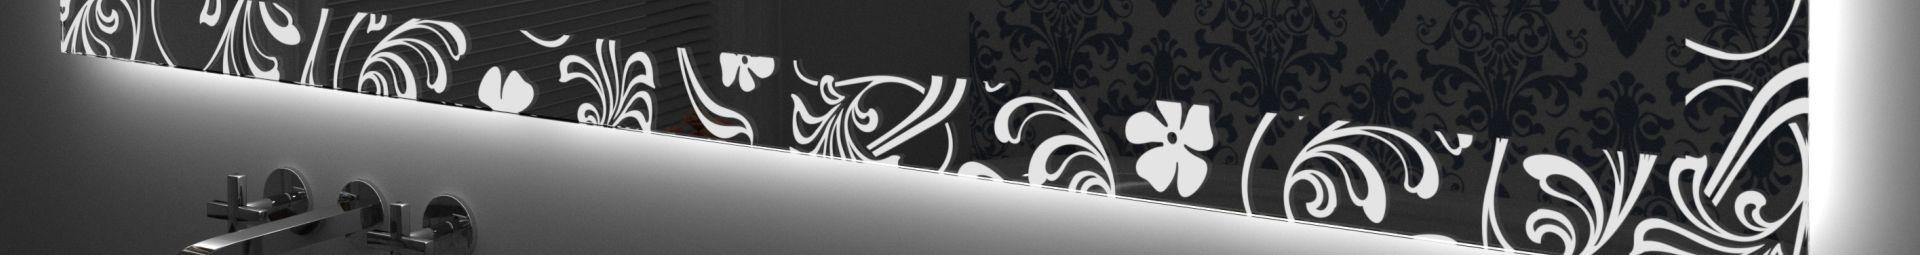 Specchi decorati retroilluminati